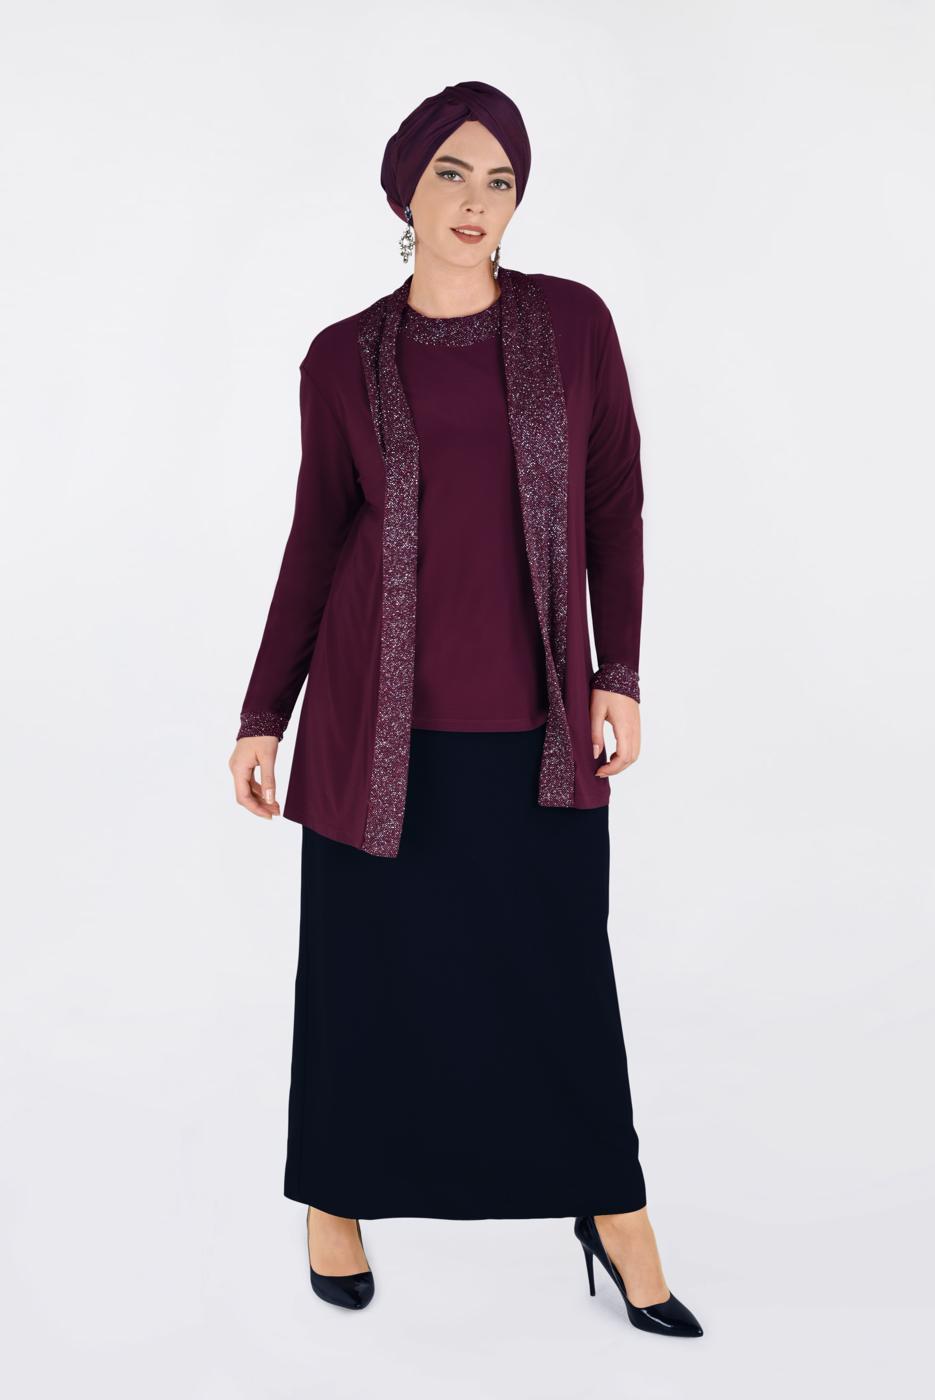 Female CLARET RED T 2806 Alvina Vizona 2′li Bluz